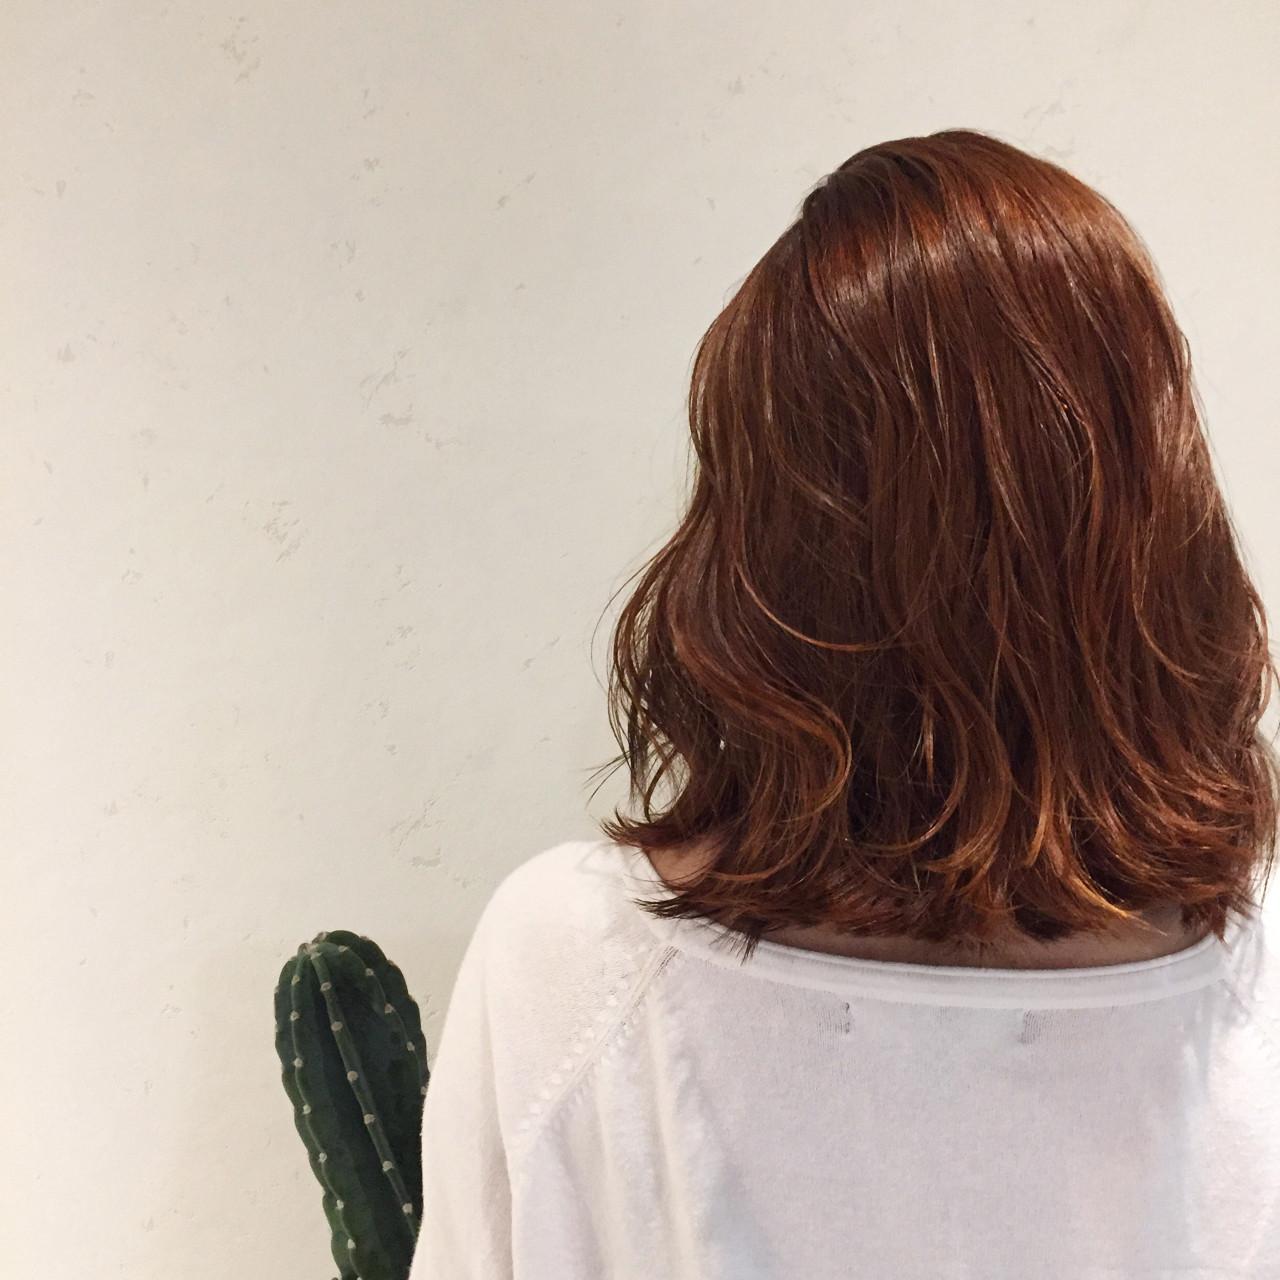 アンニュイ イエロー ヘアアレンジ ボブ ヘアスタイルや髪型の写真・画像